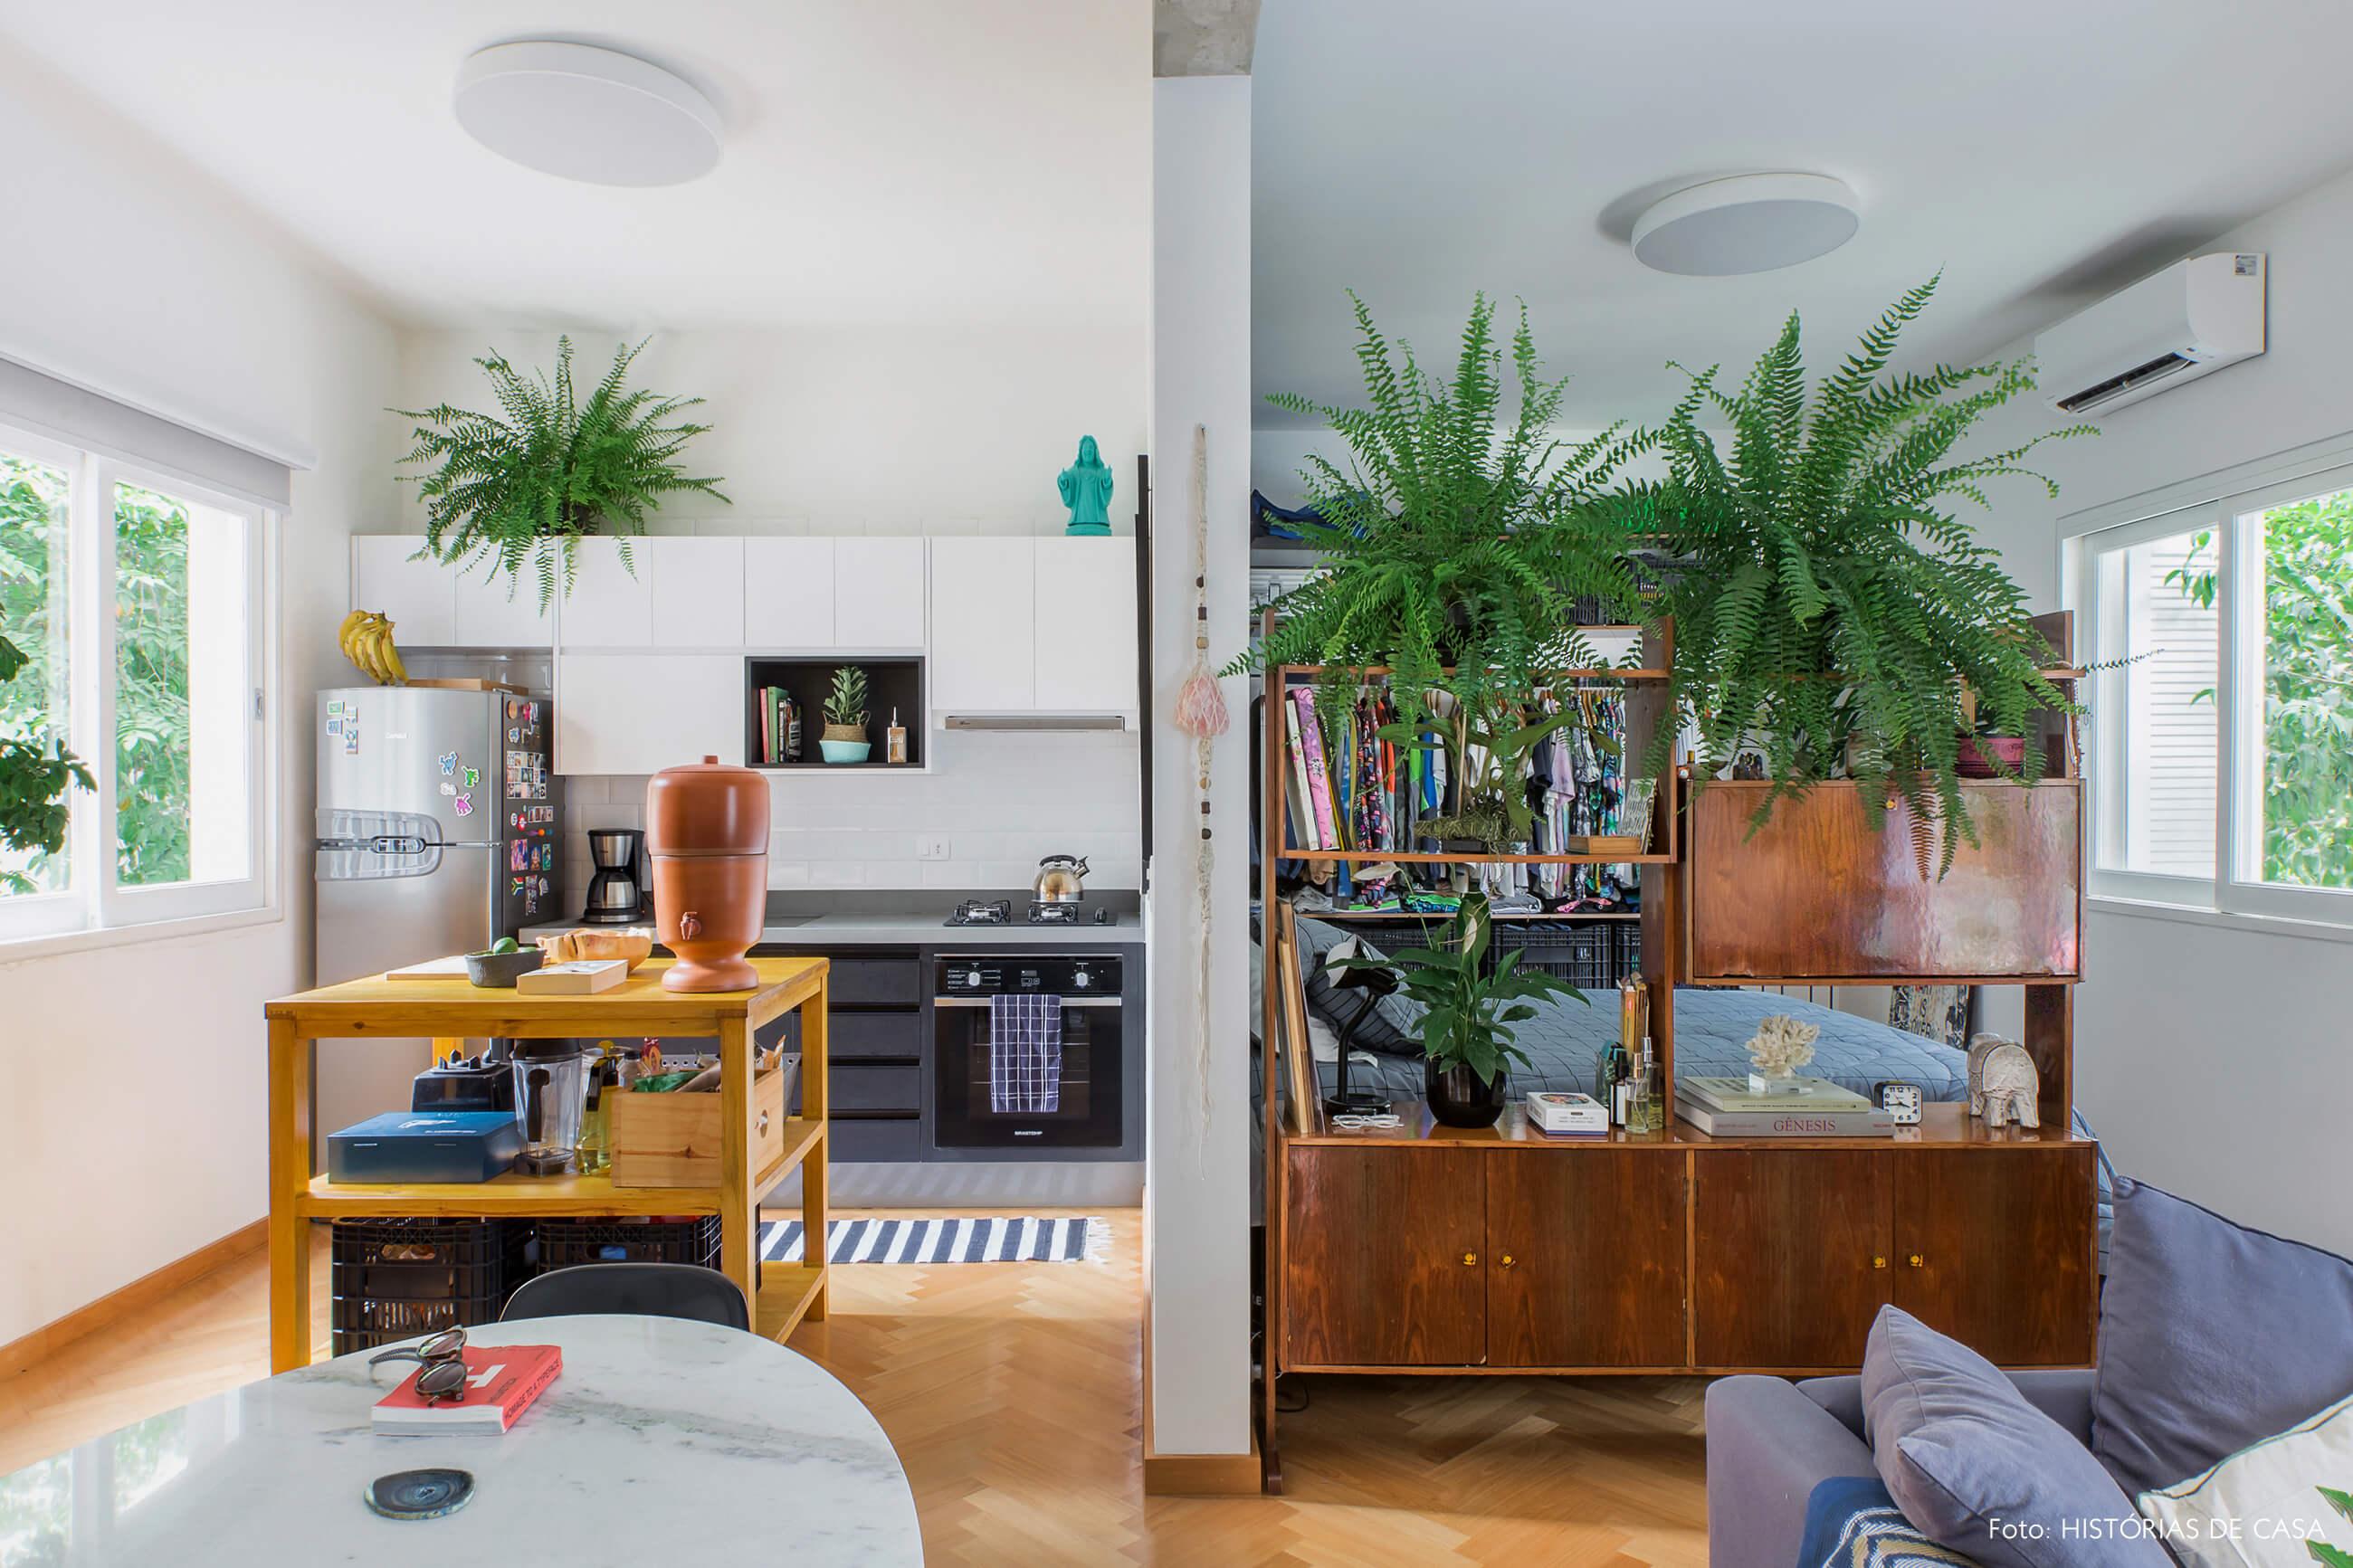 Apartamento alugado totalmente integrado, cozinha aberta com ilha móvel